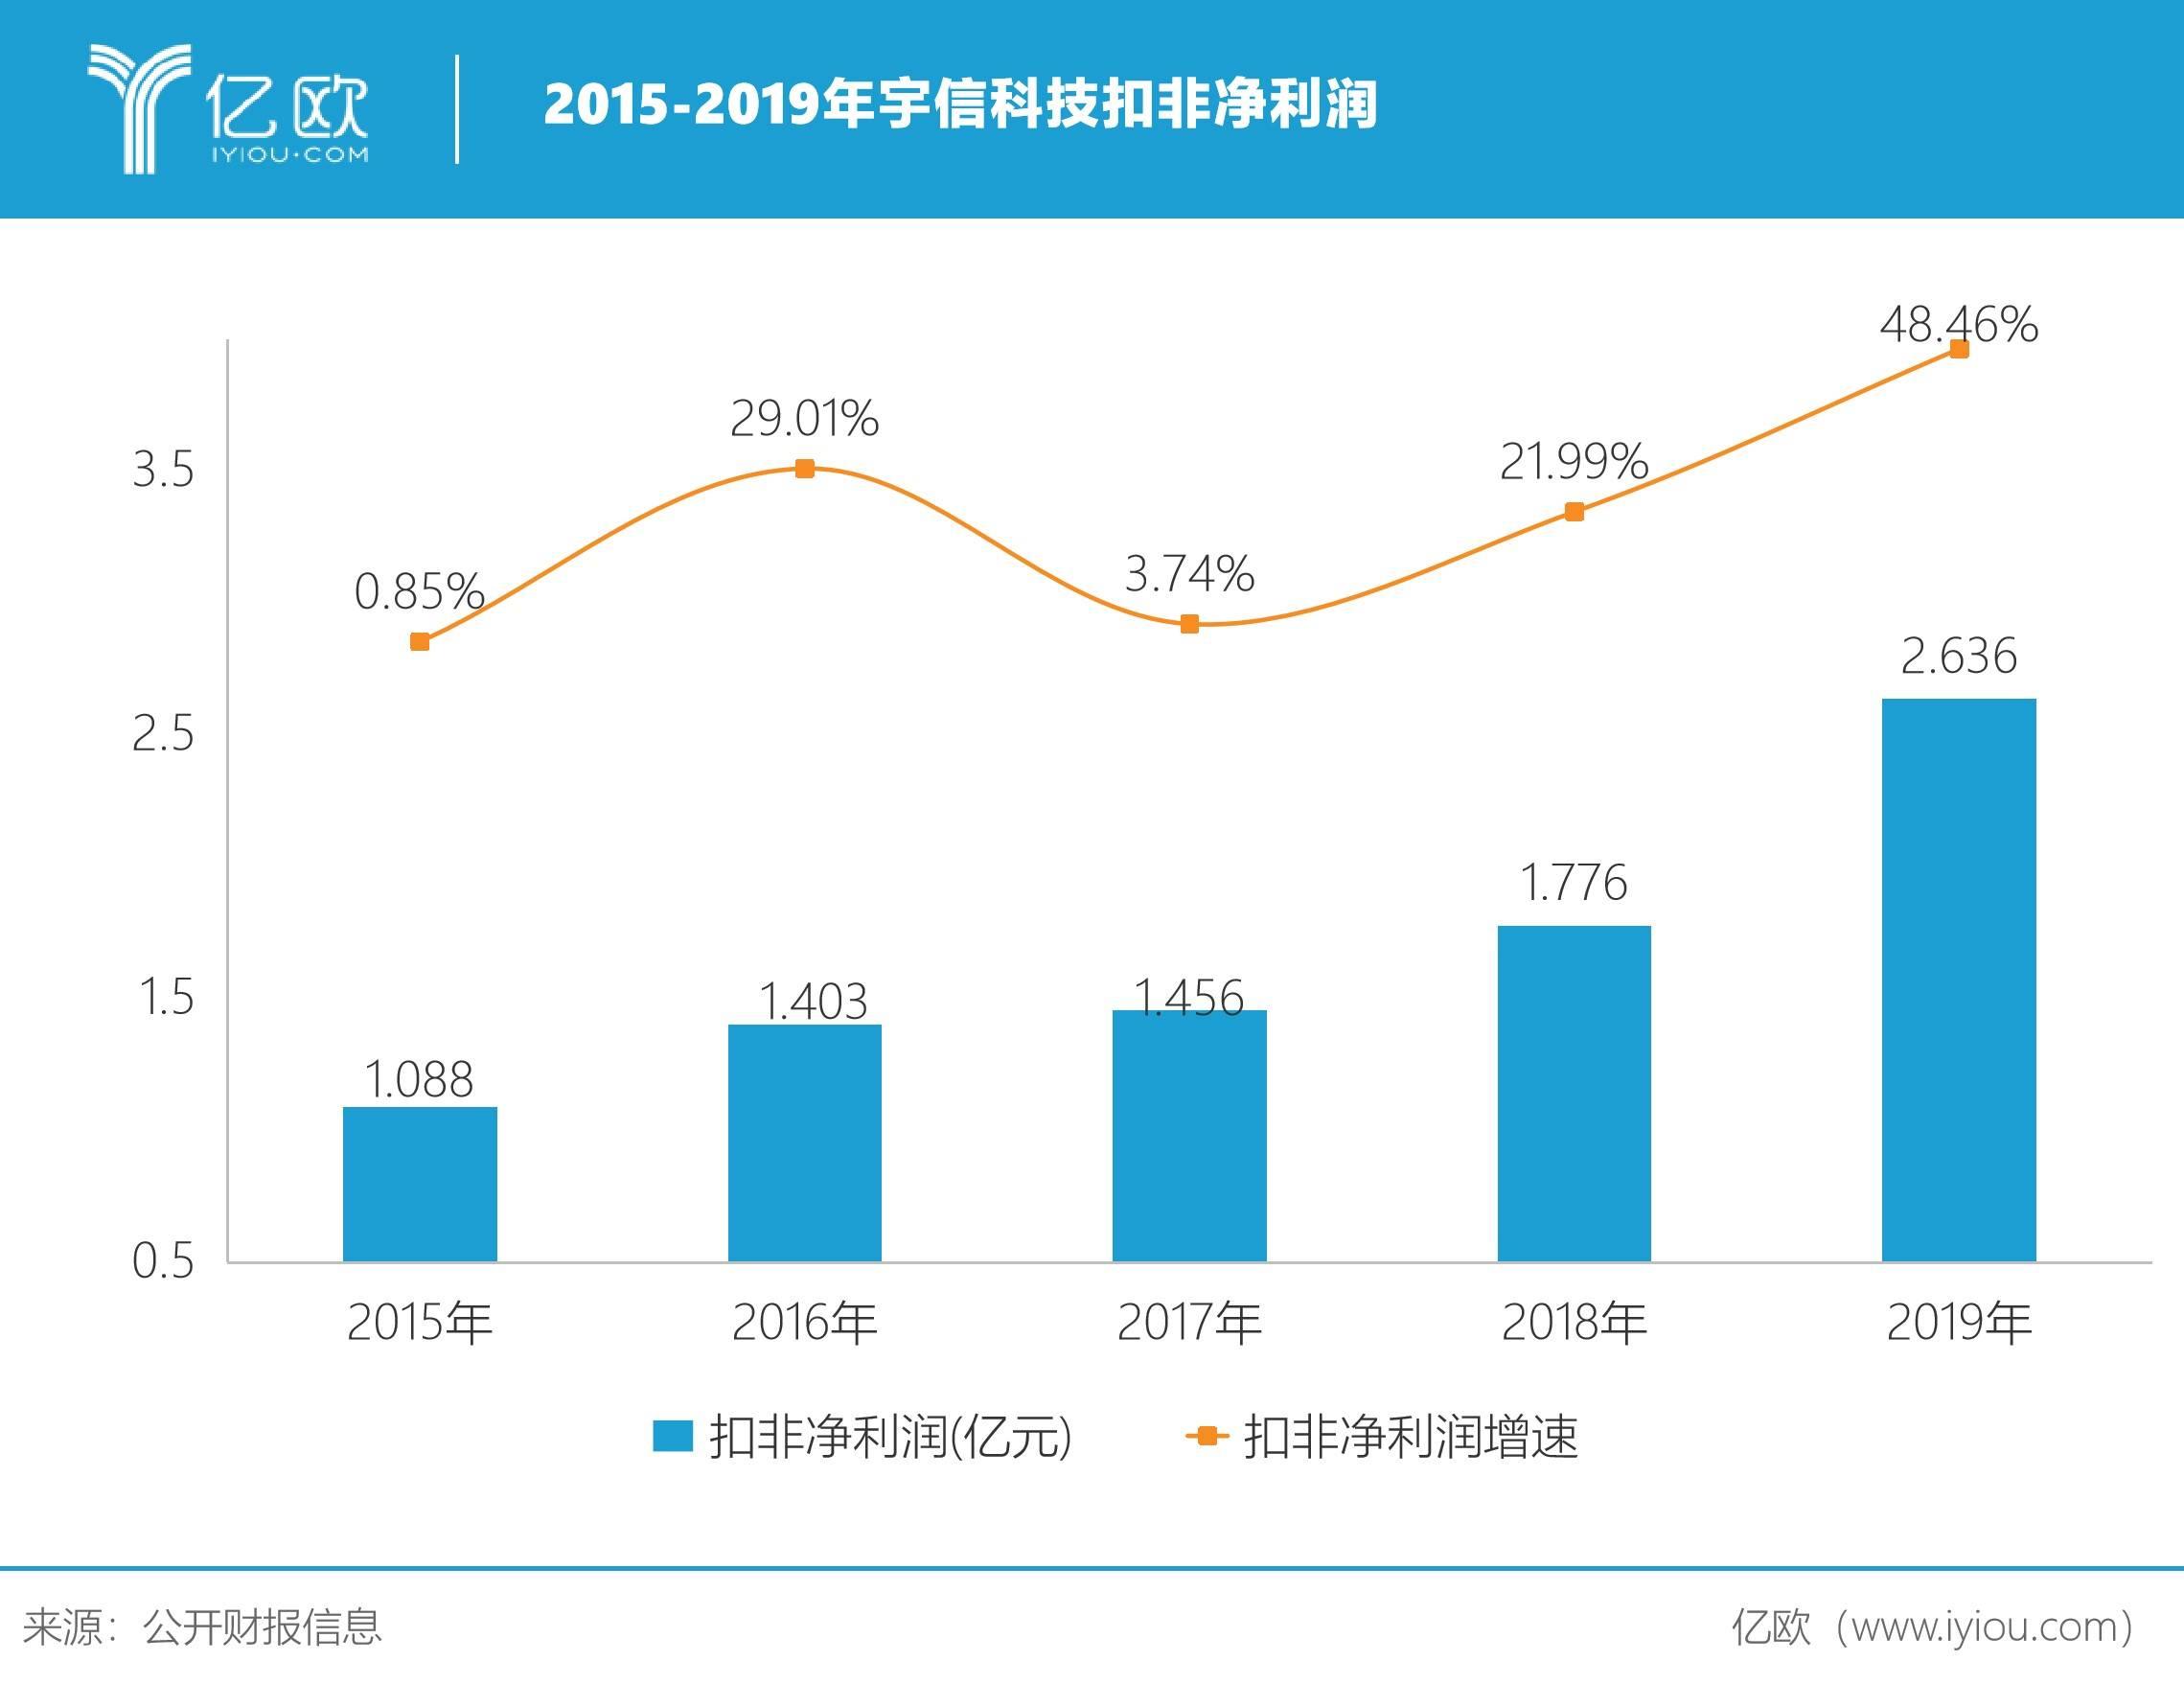 2015-2019年宇信科技扣非净利润